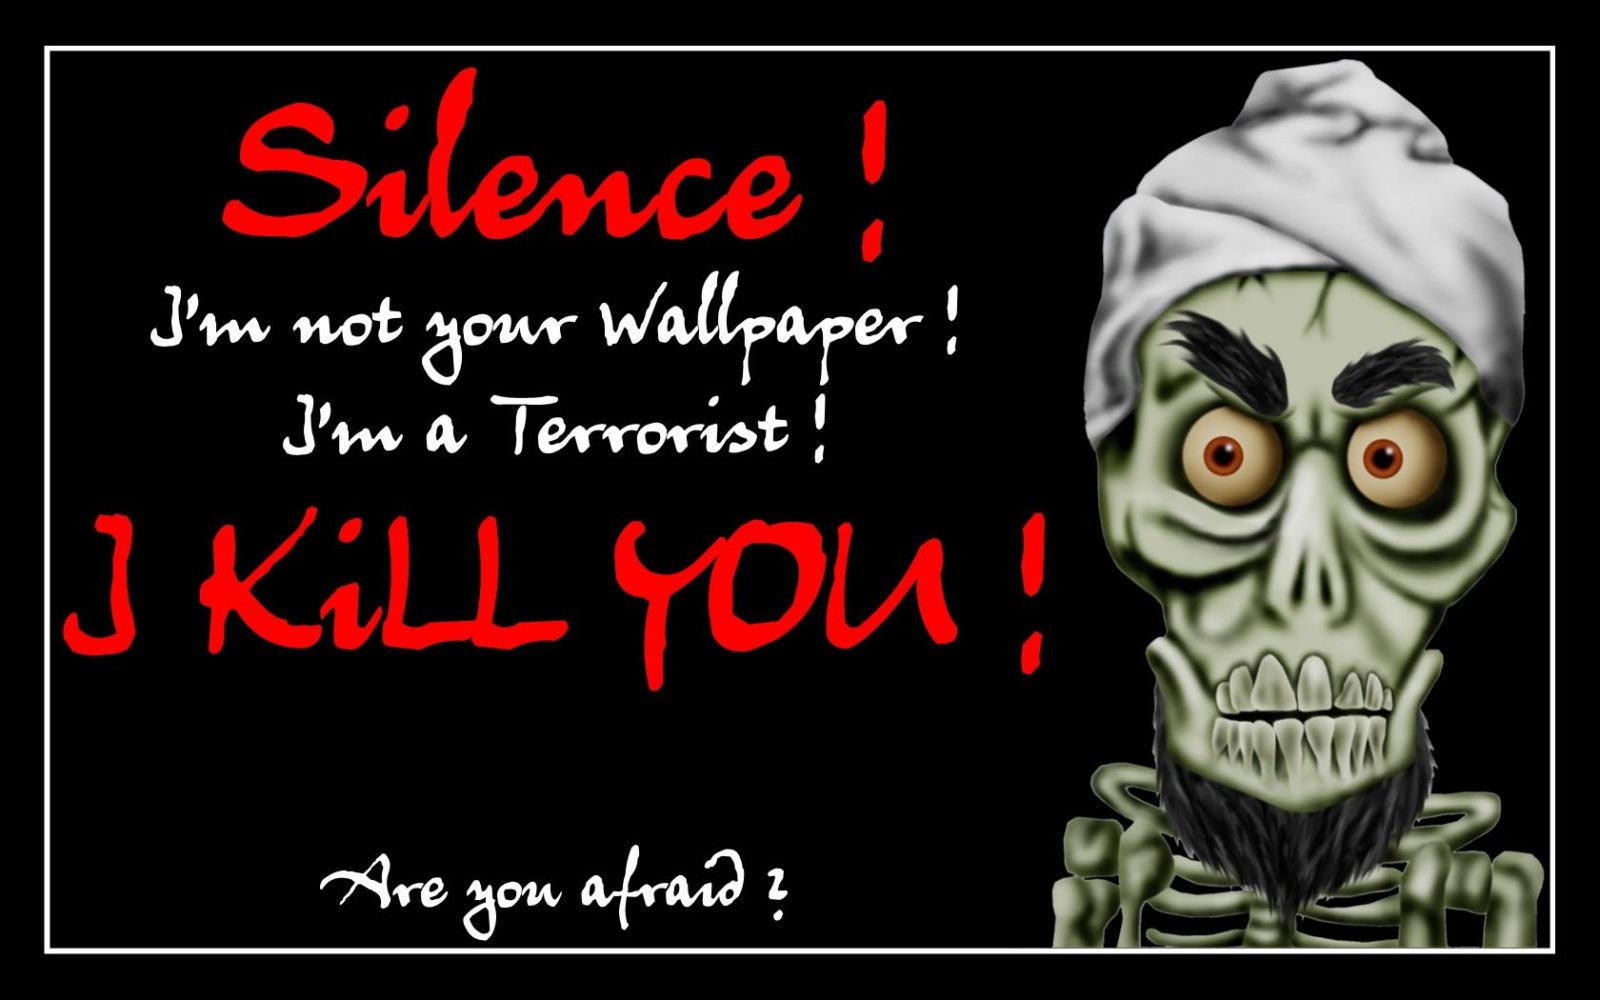 Ахмед Мертвый террорист